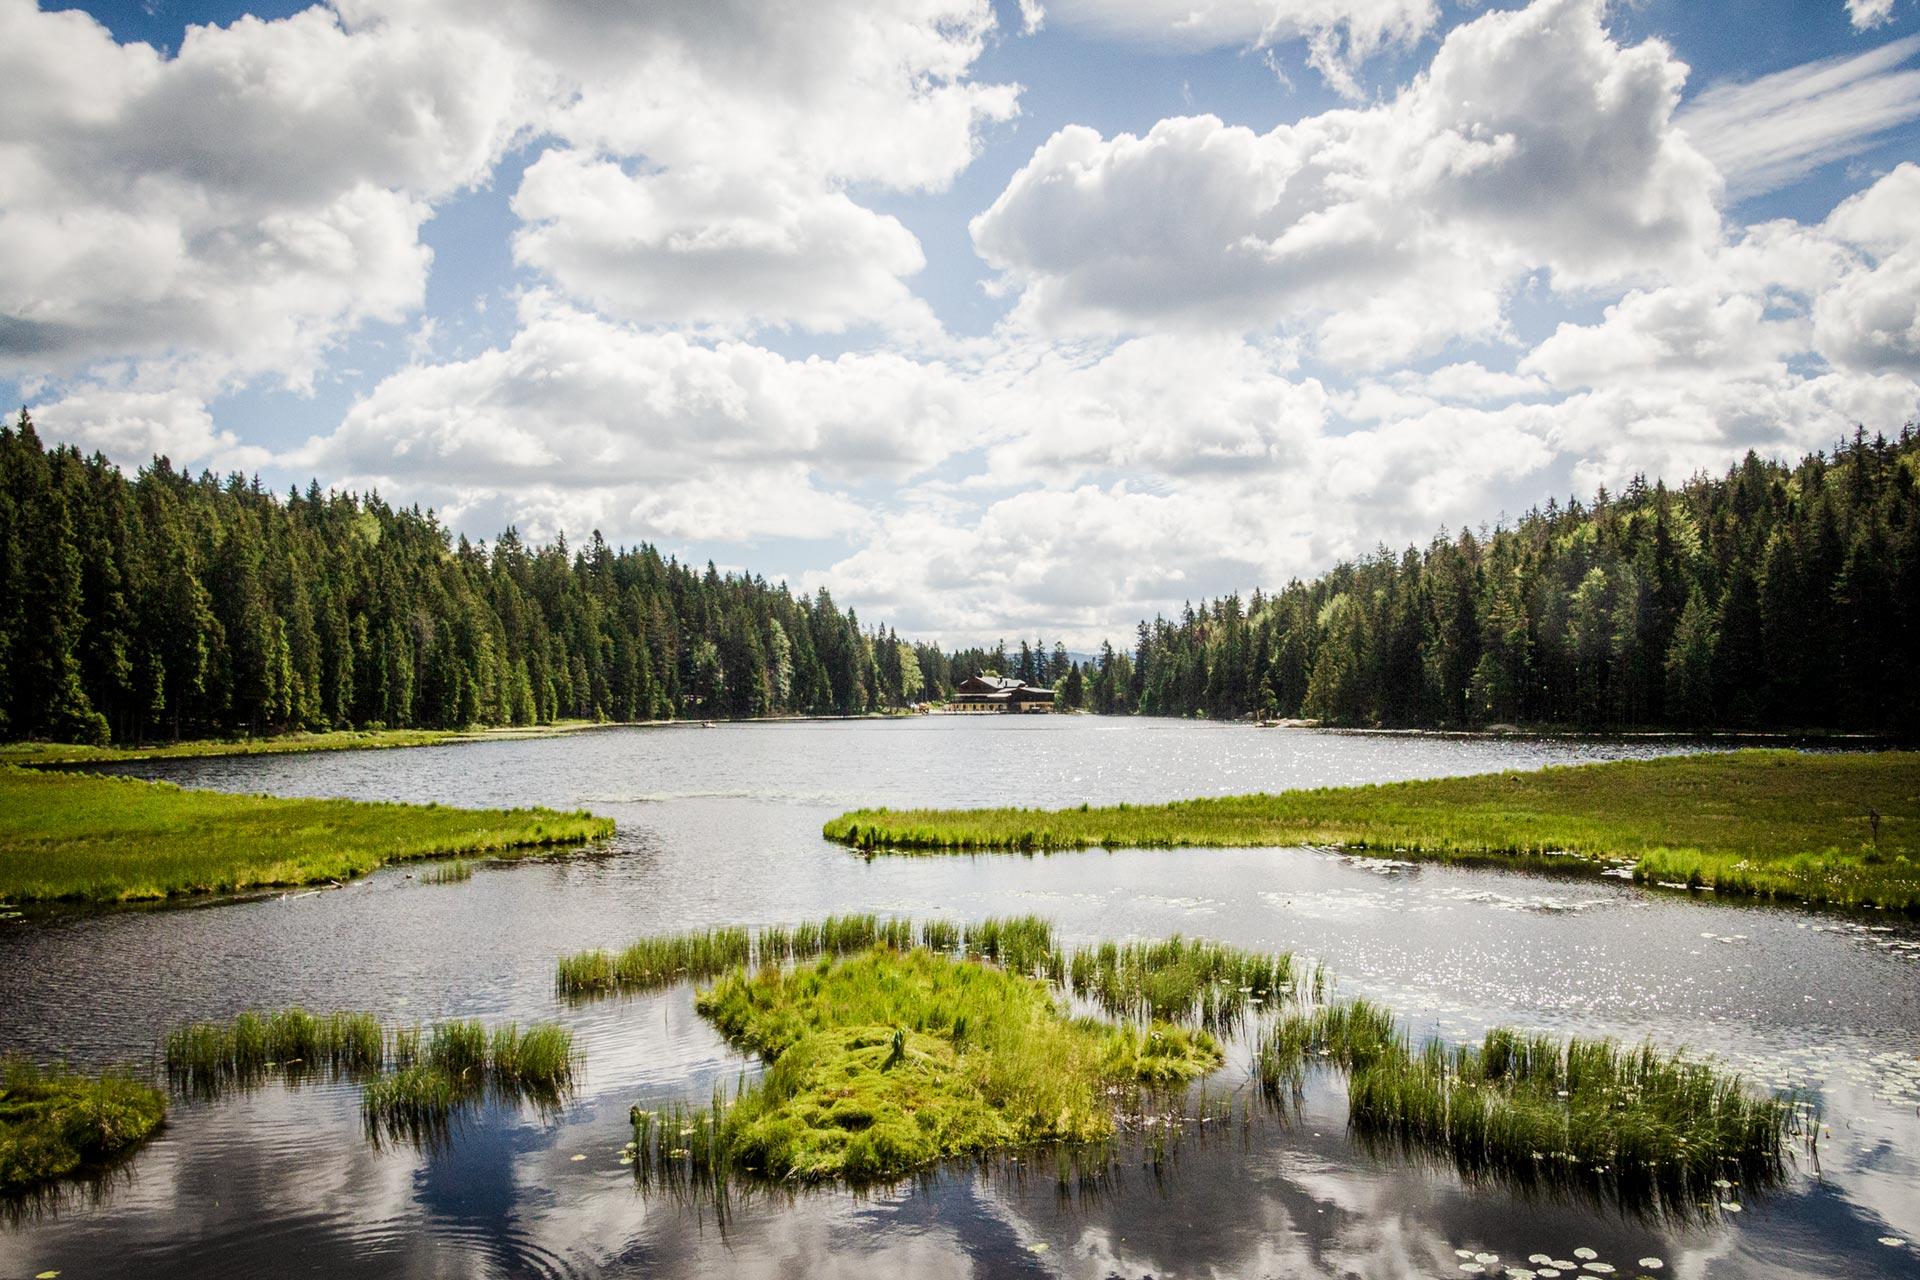 Großer Arbersee   Eine Umrundung kostet zwei Kilometer Zeit, bietet aber im Gegenzug vielerlei Eindrücke